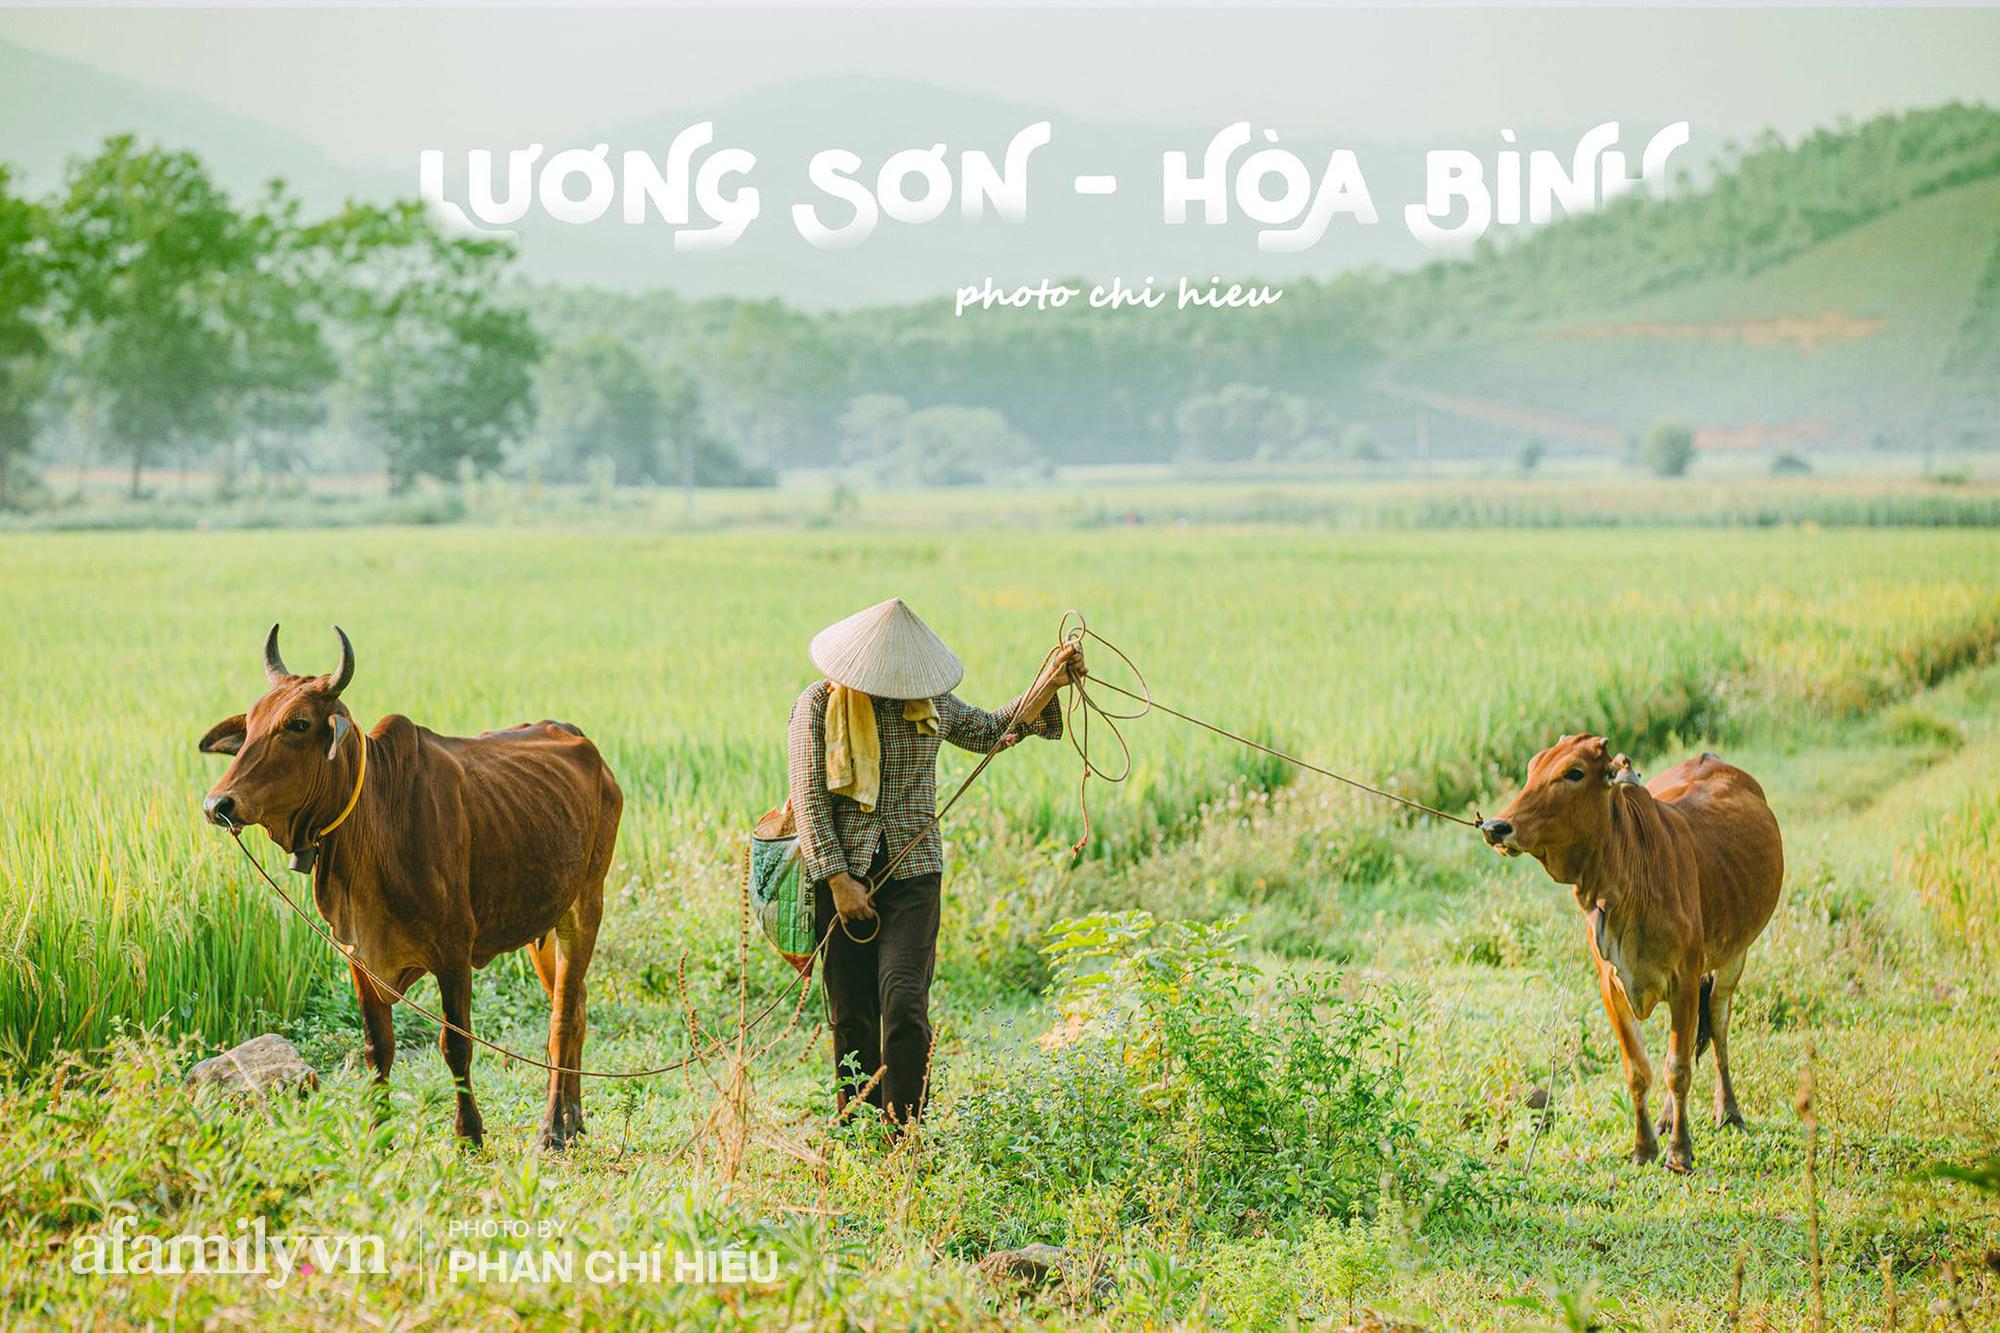 """Ngôi làng độc nhất Việt Nam sở hữu """"CHIẾC CỔNG"""" CÒN SỐNG SUỐT 800 NĂM, được công nhận là di sản và là bối cảnh của không biết bao nhiêu bộ phim đình đám - Ảnh 10."""